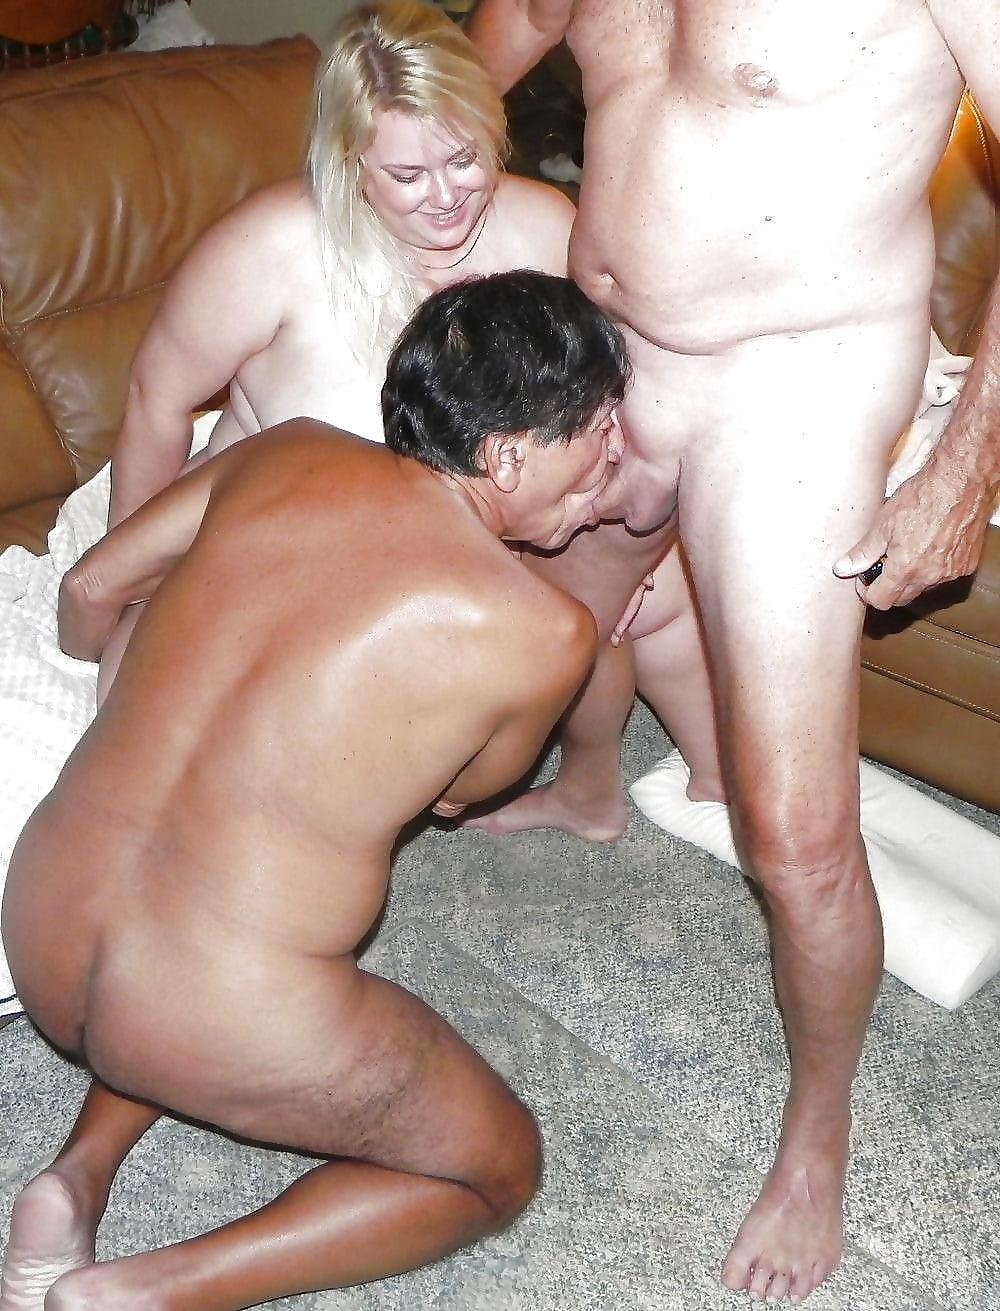 Порно видео свингеры муж рогоносец #9